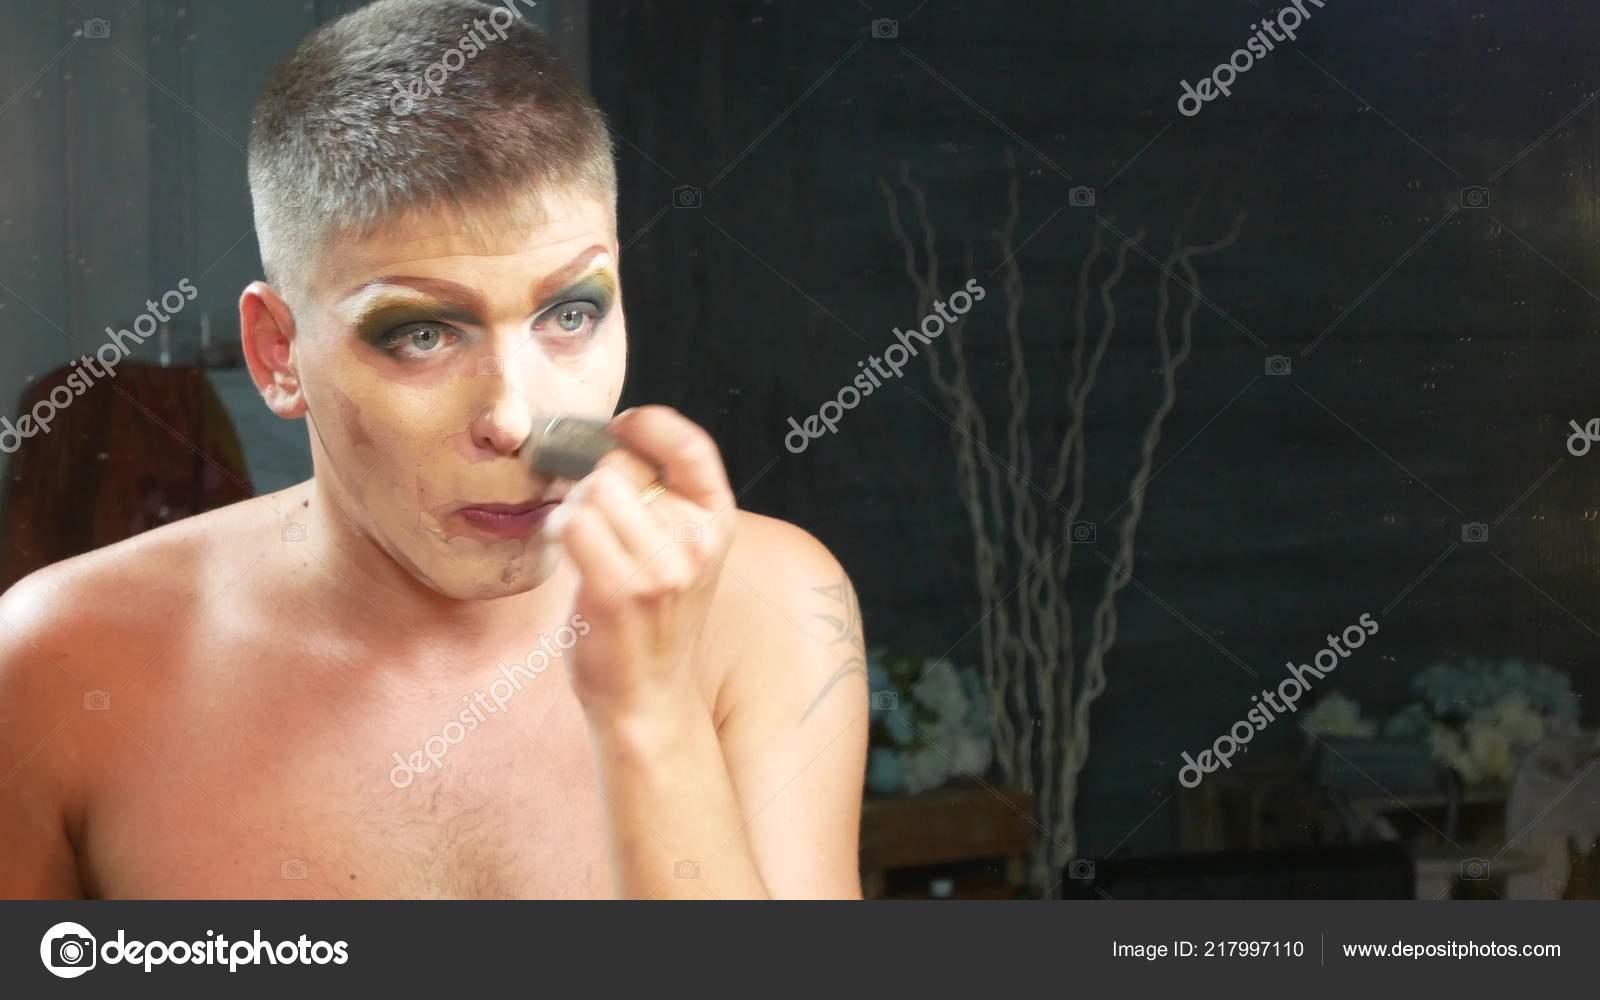 Русская телка на лице мужика, Порно Сидит на лице -видео. Смотреть порно онлайн! 21 фотография